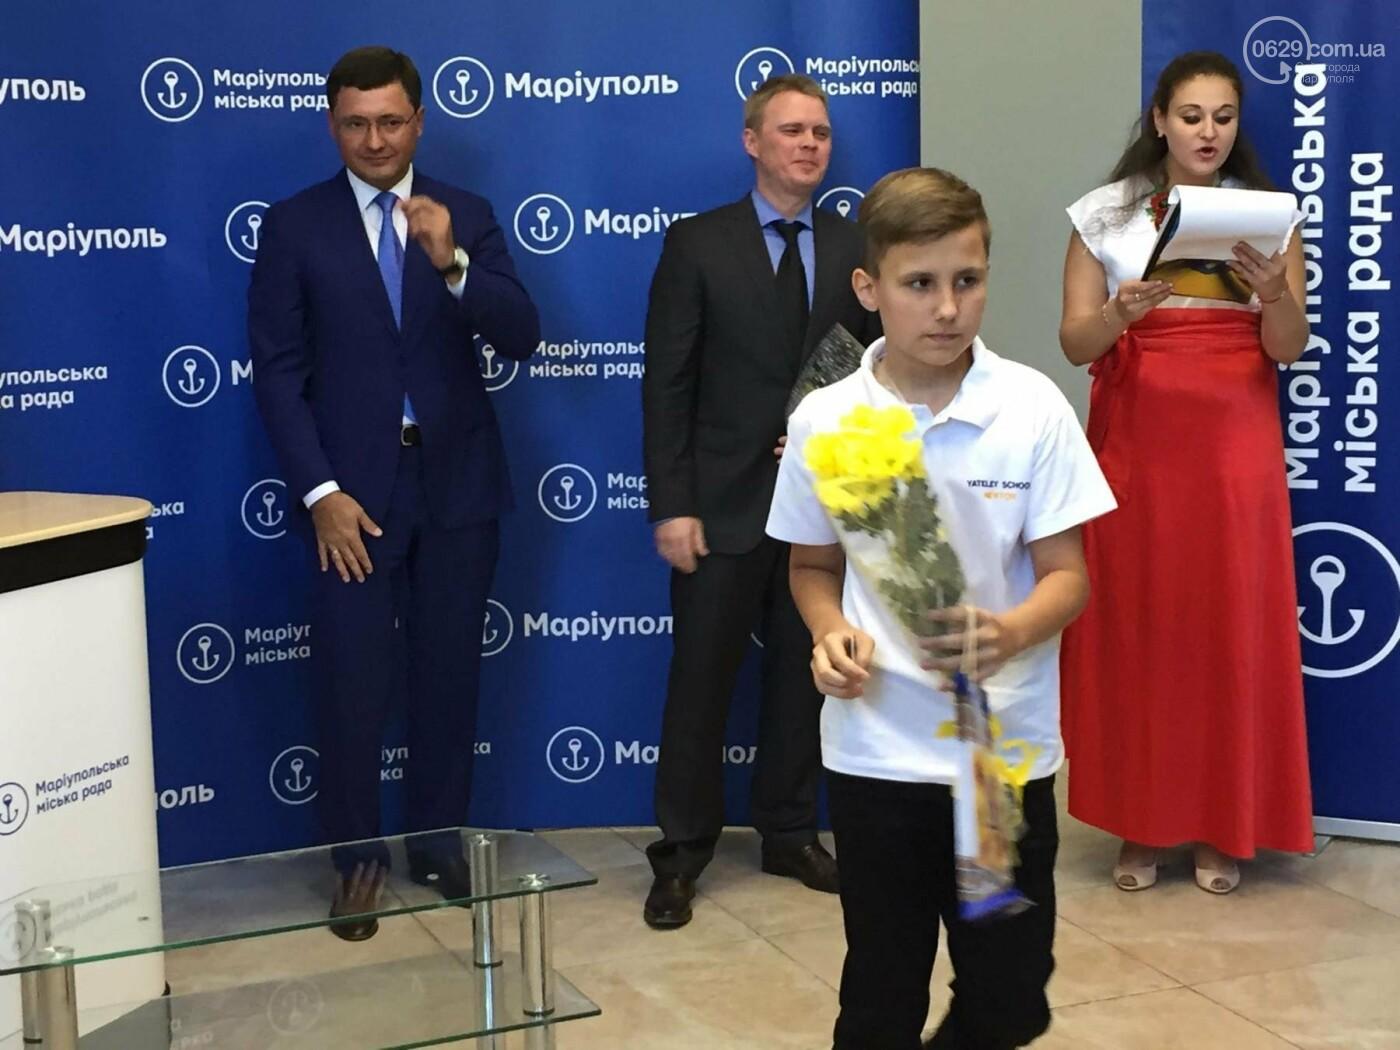 Детям-сиротам в Мариуполе вручили сертификаты на собственные квартиры,- ФОТО, ВИДЕО, фото-2